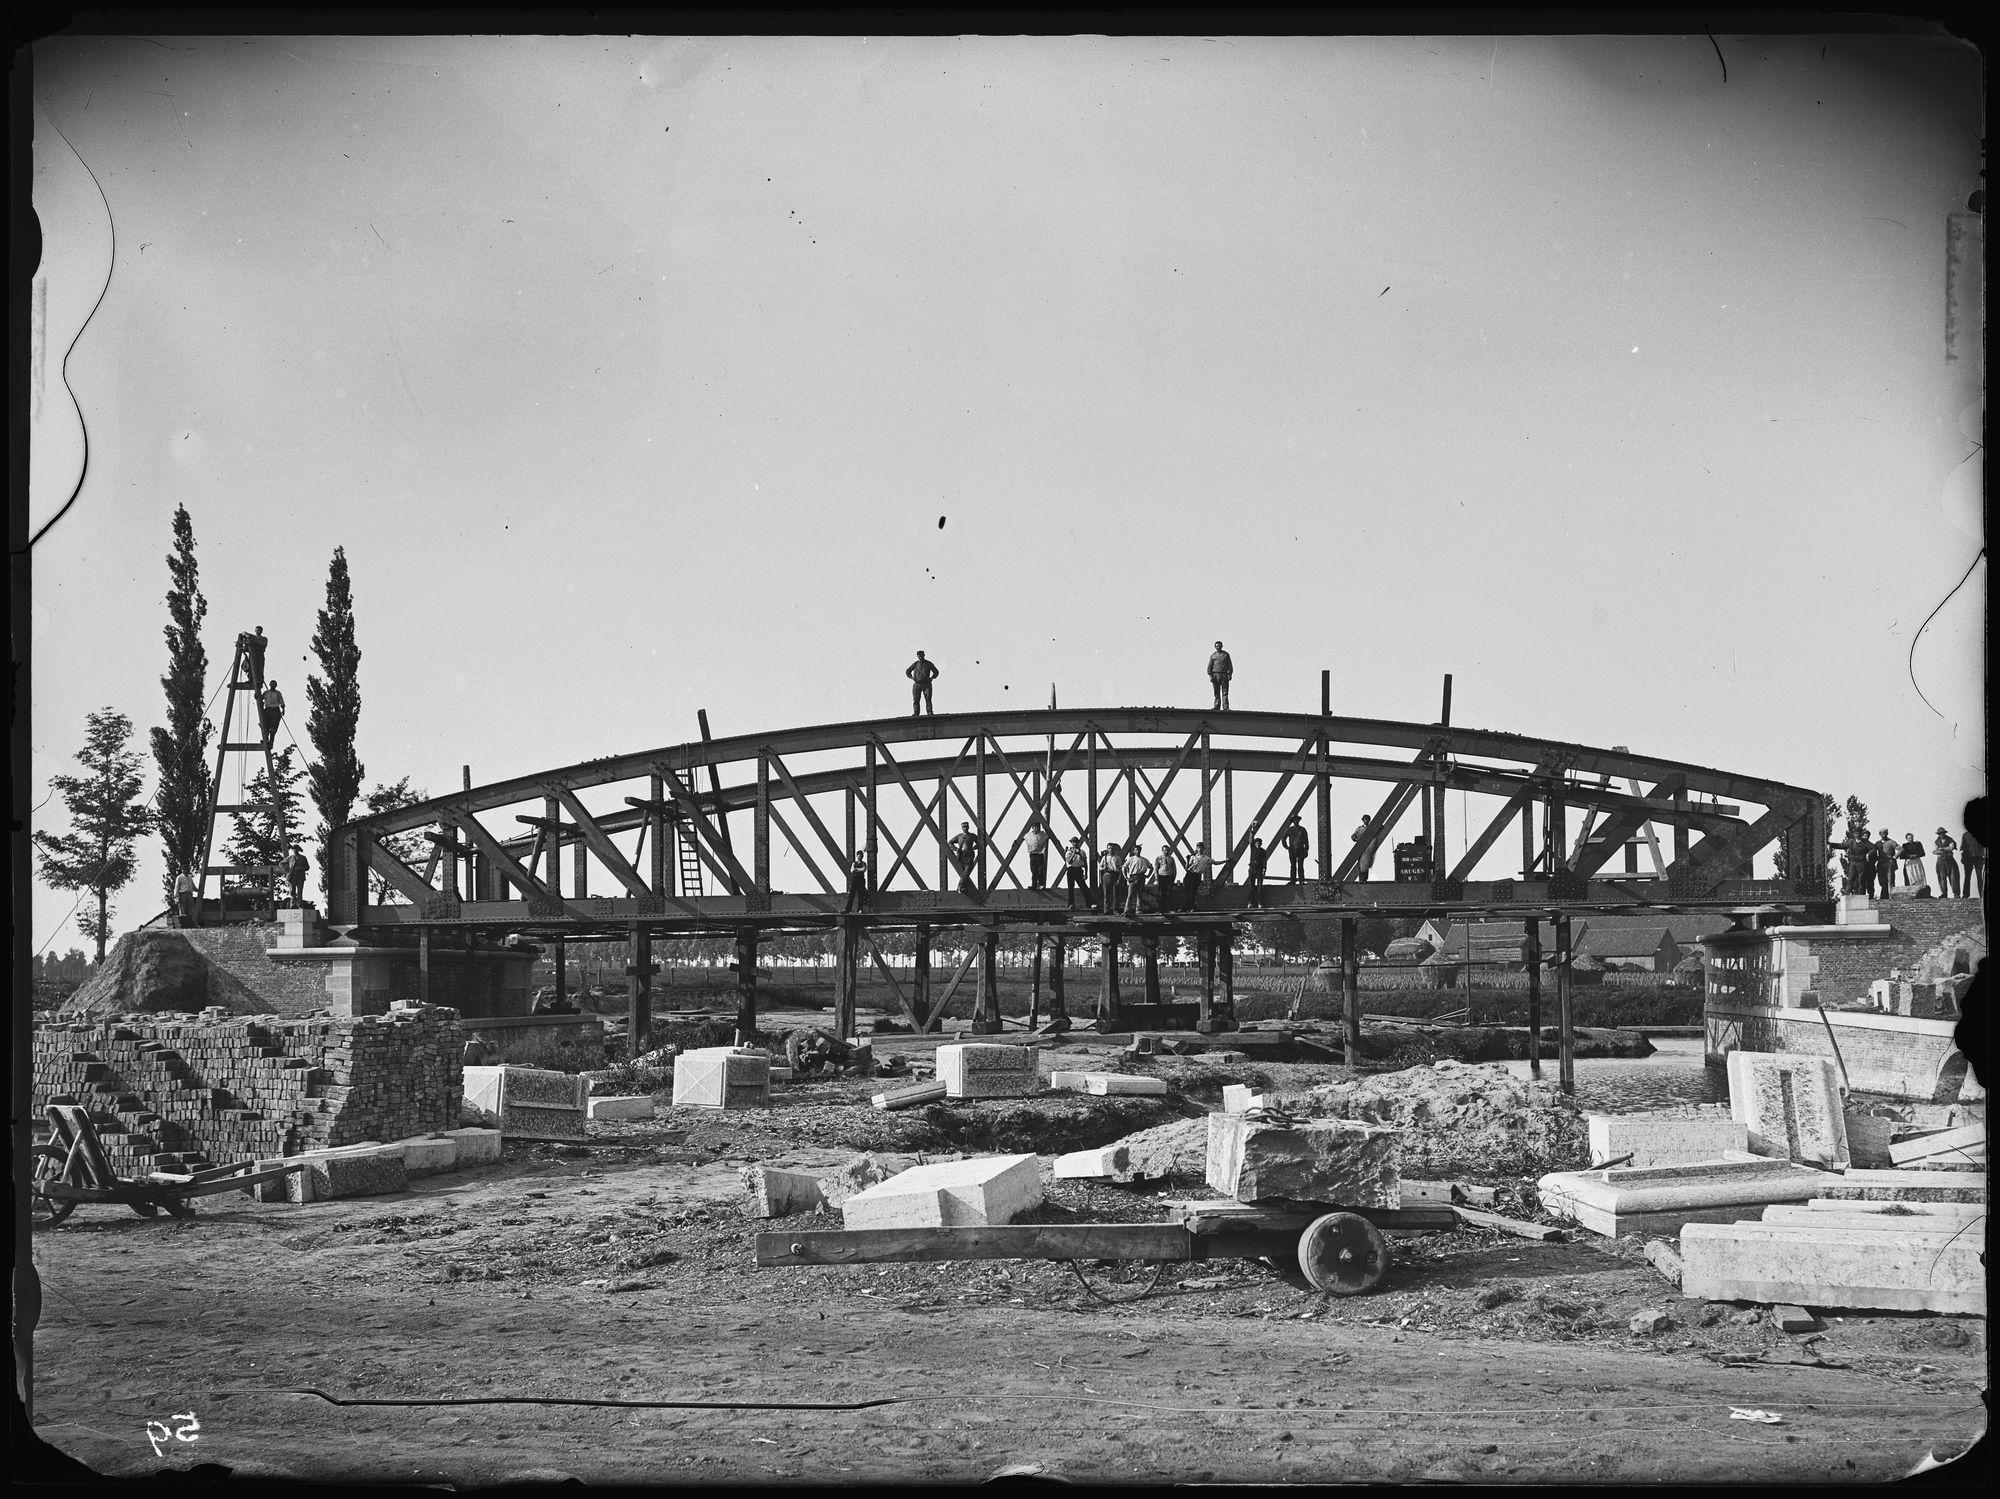 Groeningebrug in 1895